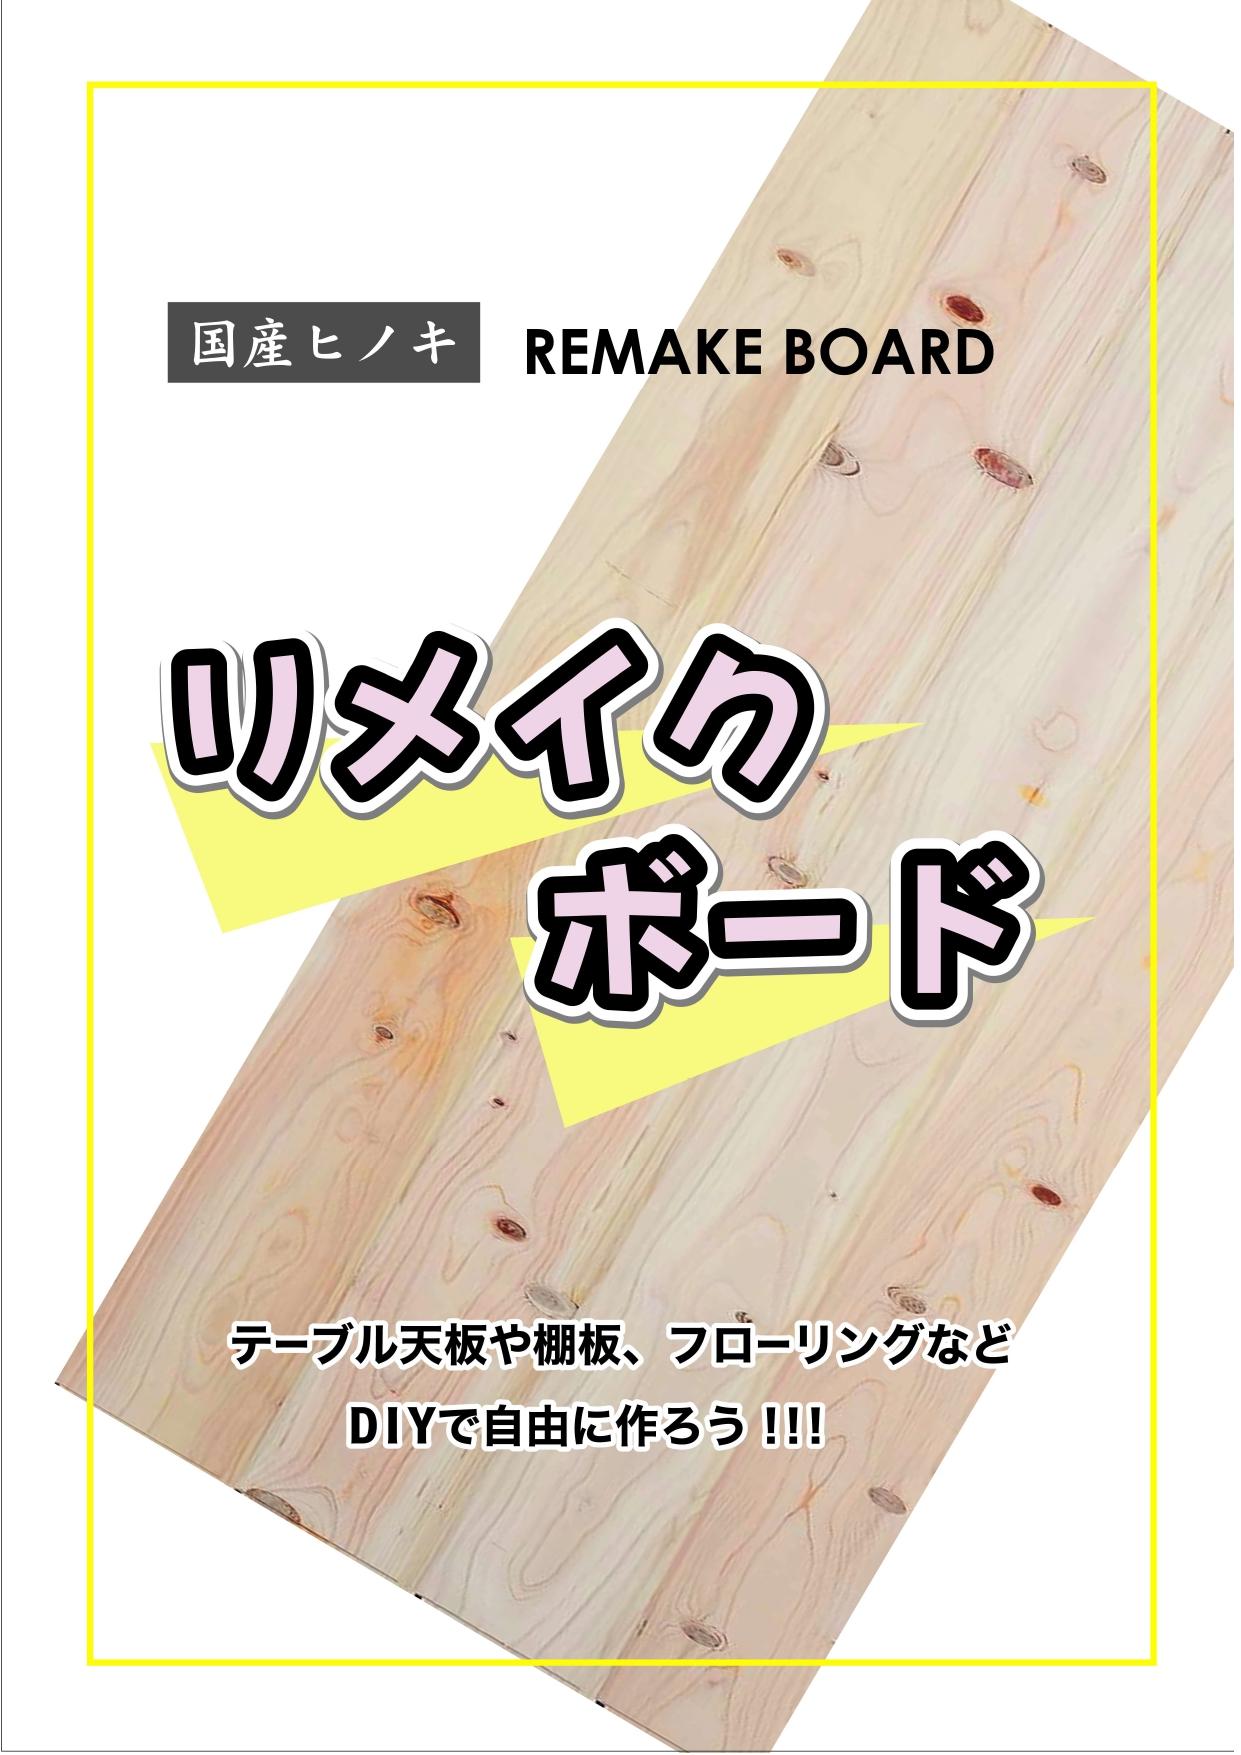 remakeboard-2